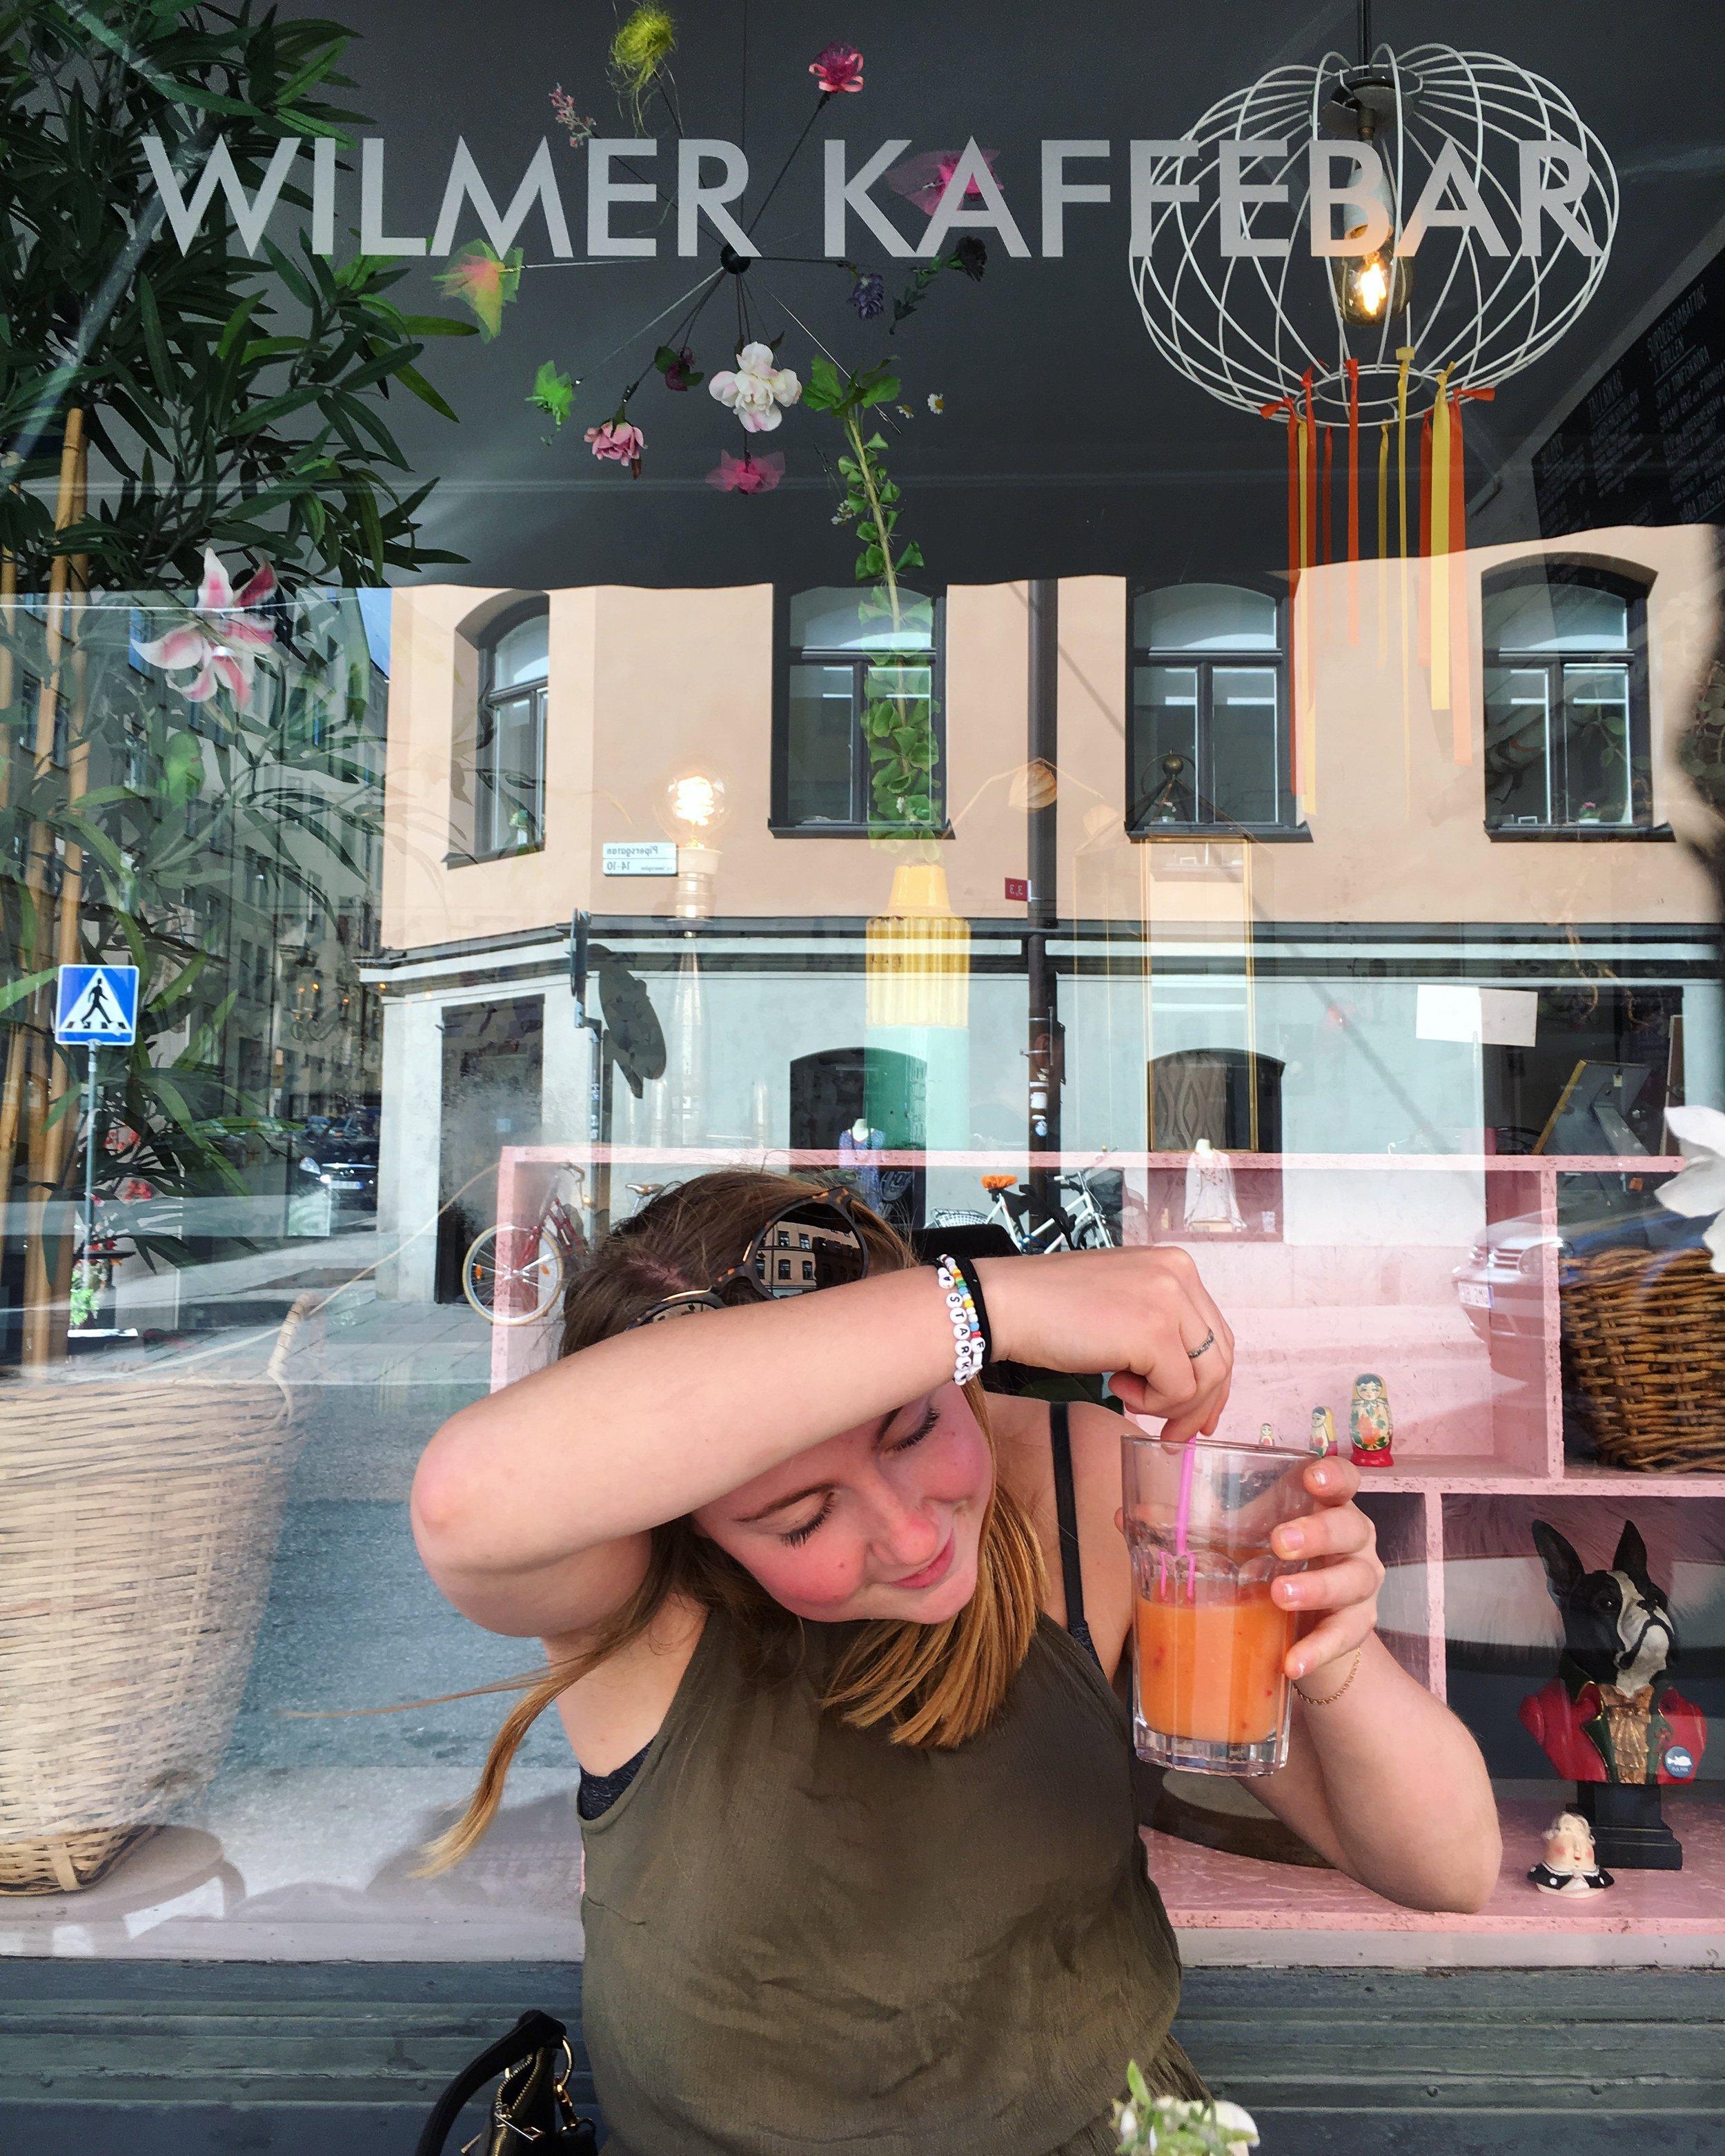 WILMER Kaffebar, Bergsgatan 30 - Mån-Fre: 08-18Lör-Sön: 09-17Bryggkaffe kostar runt 30 kr.Lätt distraherande ställe med hemtrevlig atmosfär.Jag vet inte om ni har en konstig moster med speciell inredningssmak men här kan ni få en sådan, i form av Wilmer Kaffebar. Spretiga tapeter, underliga prydnader och det ser ut som att sagda egendomliga moster spytt ut hela sin inredningsdröm på några kvadrat på Kungsholmen. Går faktiskt inte helt att förklara, måste upplevas på plats.